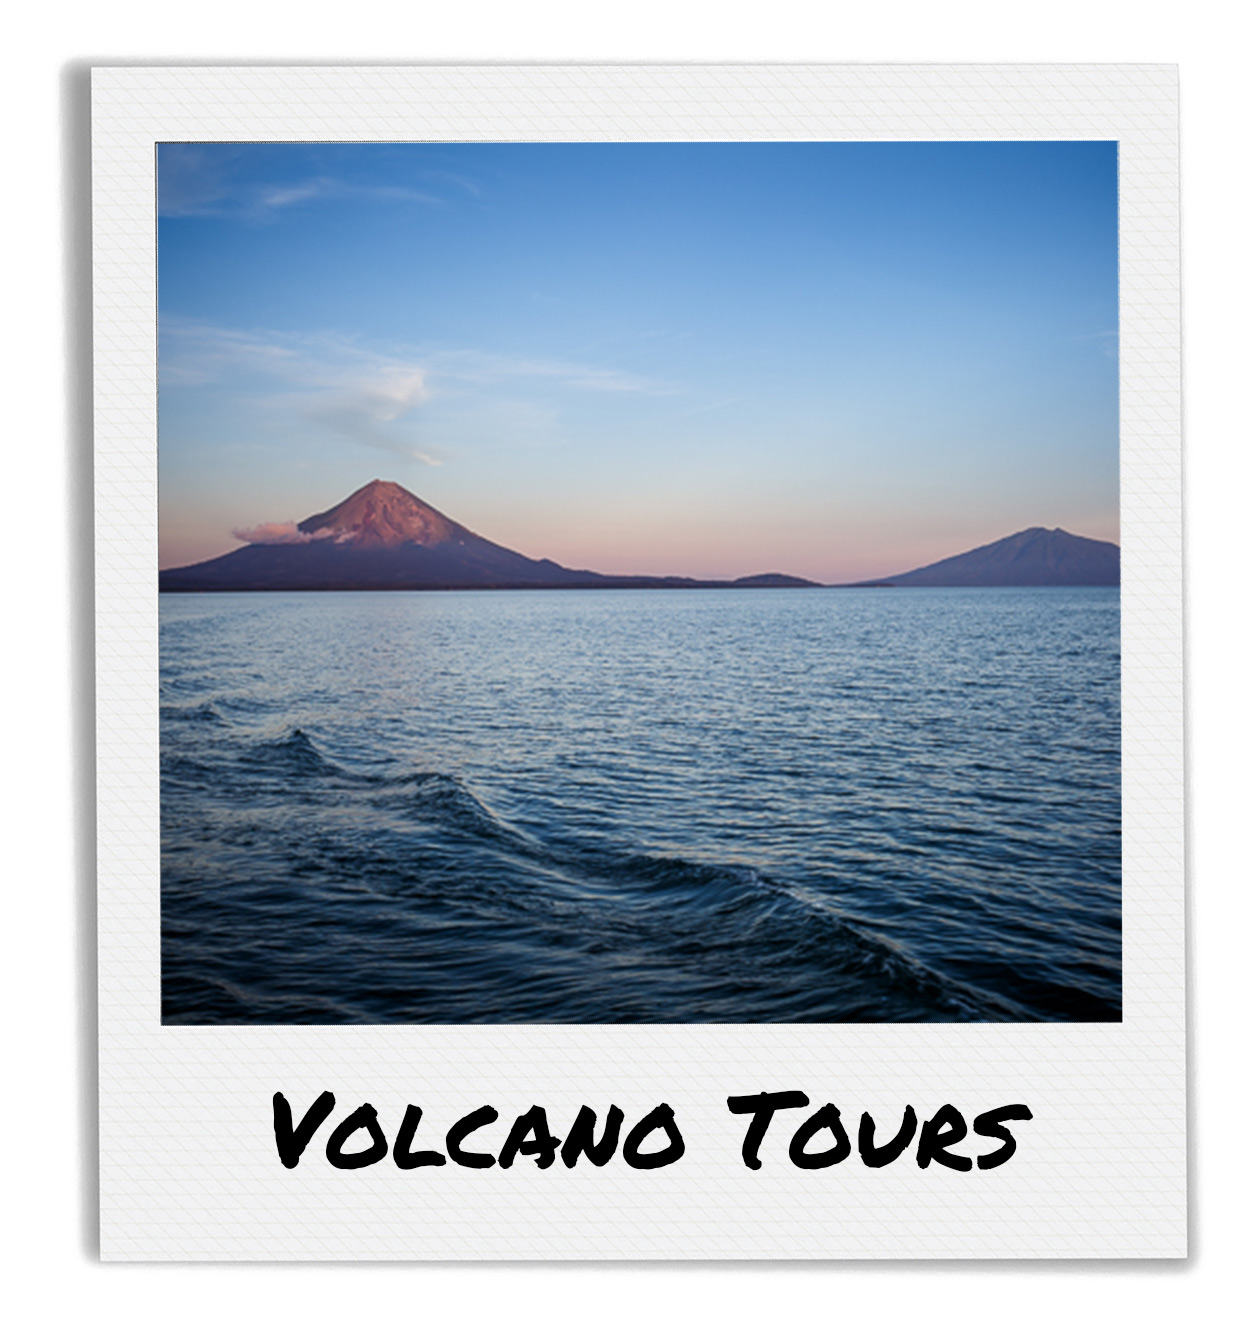 Volcano Tours out of San Juan Del Sur Nicaragua